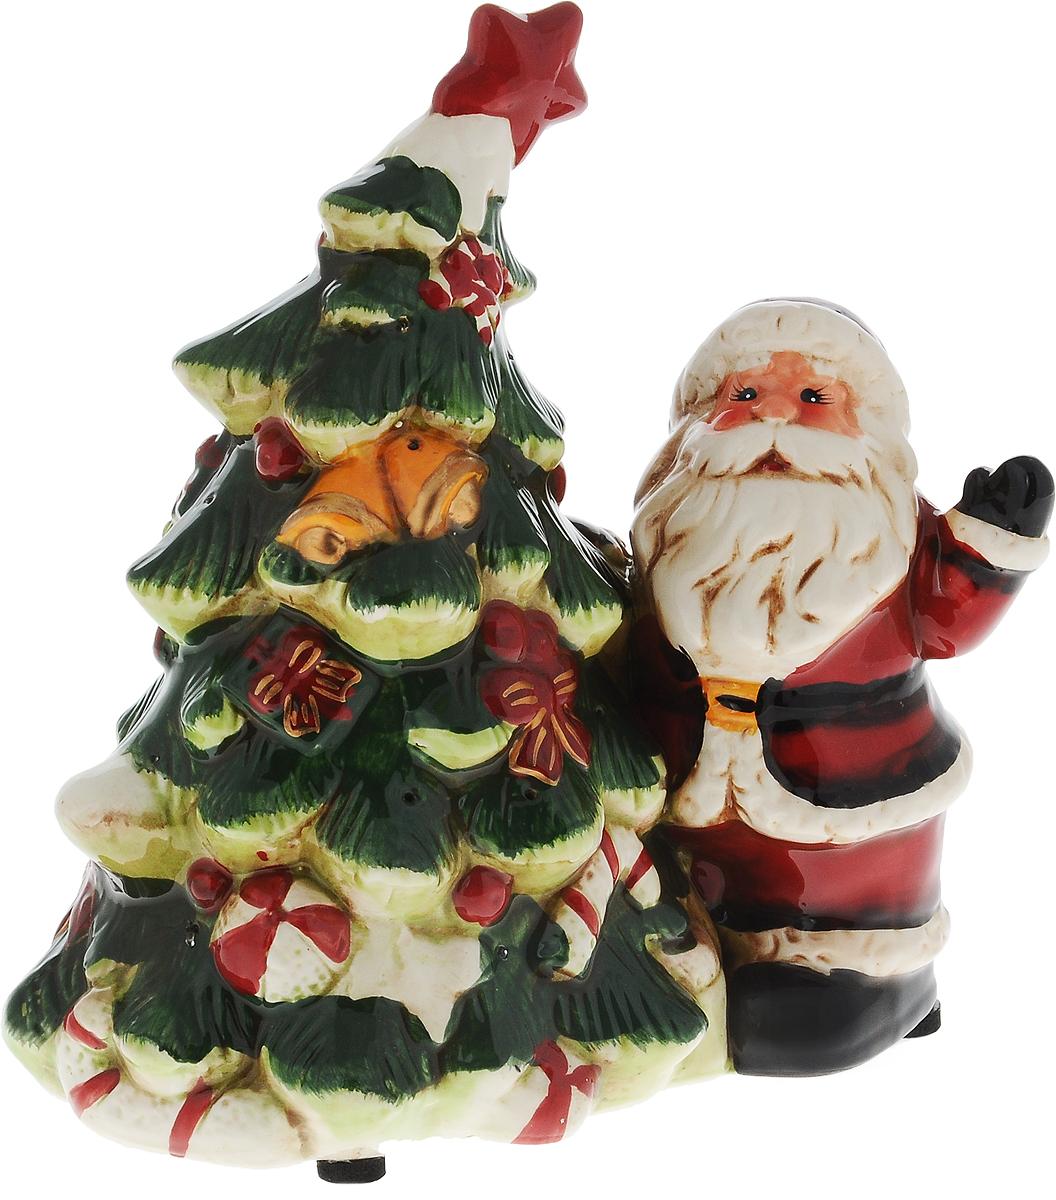 Светильник новогодний Win Max Дед Мороз, 19 х 12 х 20 см119443Декоративный новогодний светильник Win Max Дед Мороз, изготовленный из керамики. Он прекрасно оформит интерьер вашего дома или офиса в преддверии Нового года. Оригинальный дизайн и красочное исполнение создадут праздничное настроение. Кроме того, это отличный вариант подарка для ваших близких и друзей.Светильник работает от 3 батареек типа AАA (не входят в комплект).